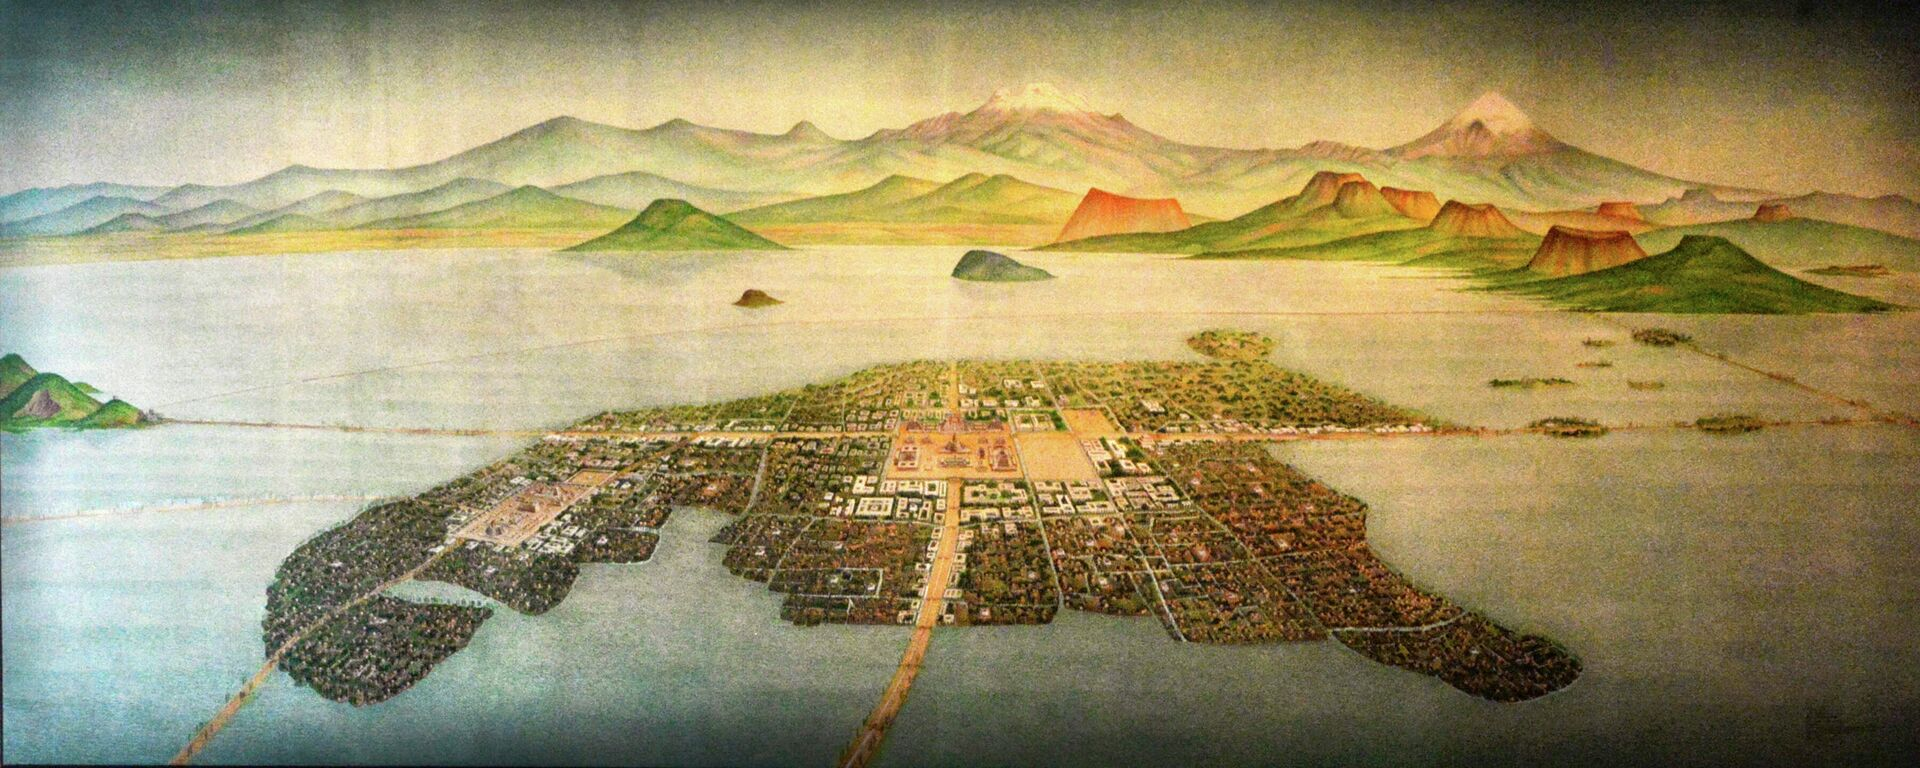 México-Tenochtitlán - Sputnik Mundo, 1920, 30.09.2021